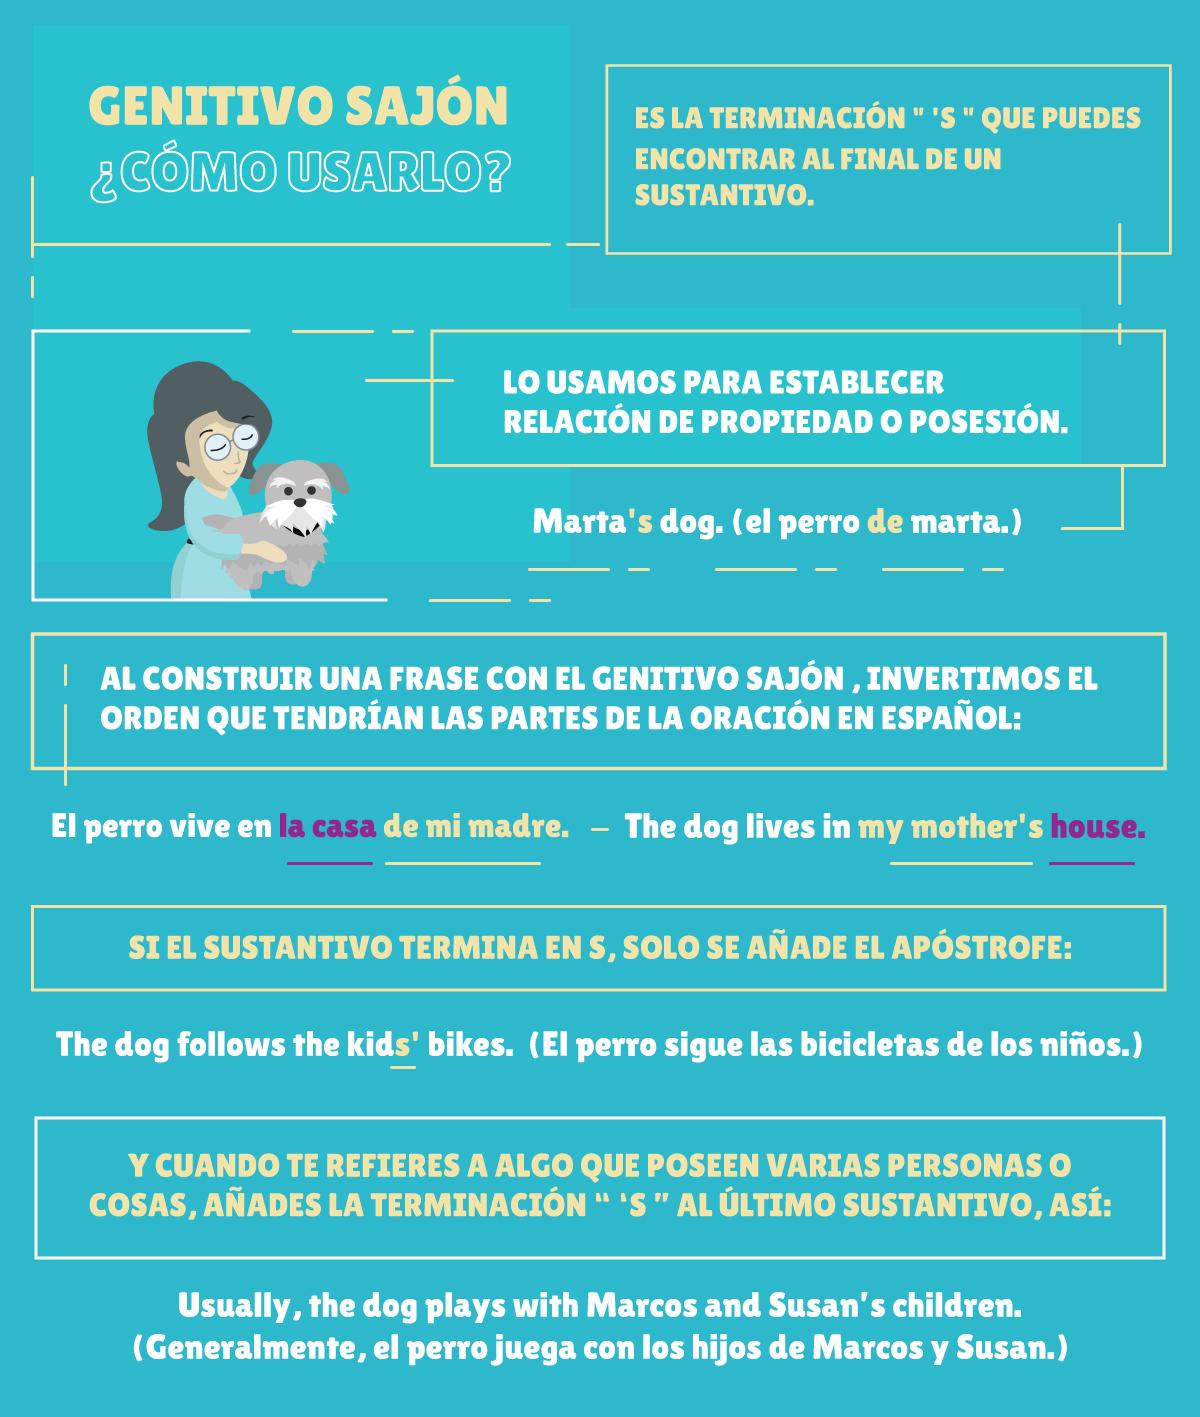 Infografía del Genitivo Sajón.